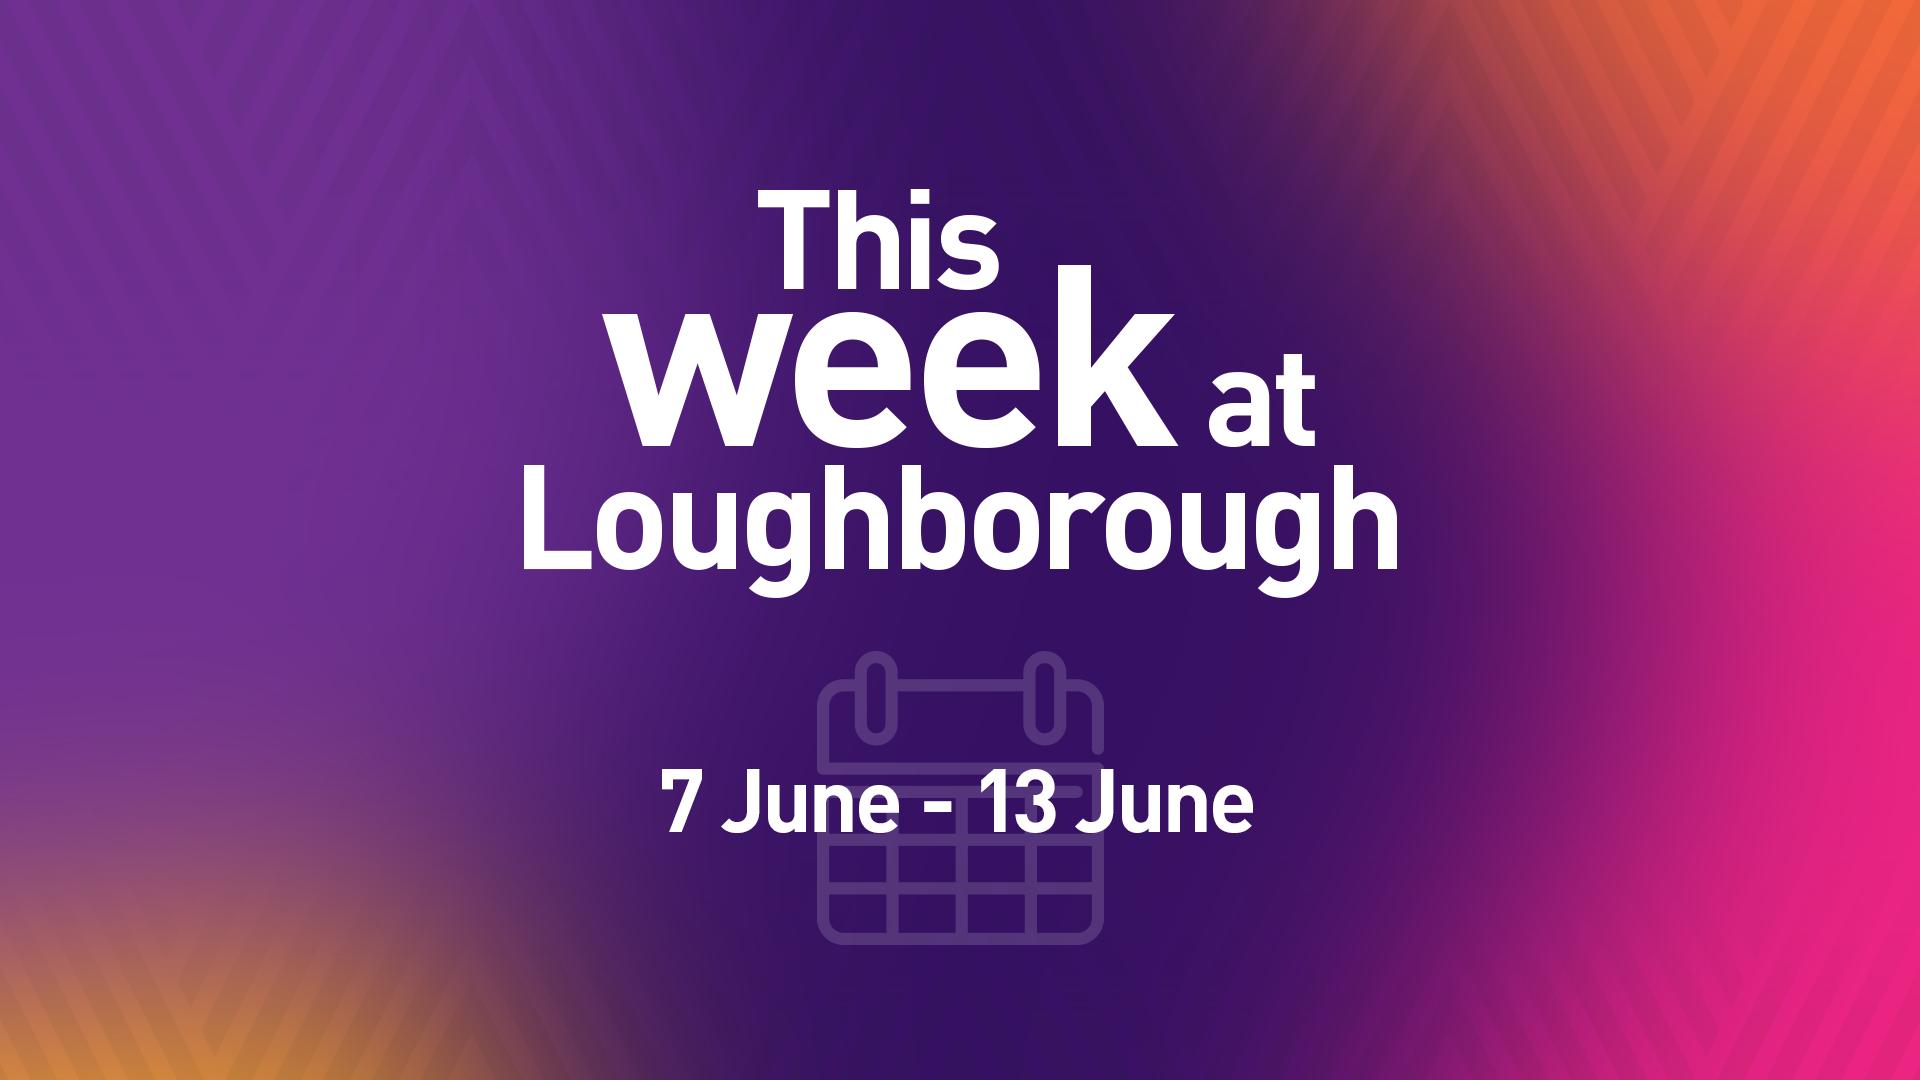 This Week at Loughborough | 7 June